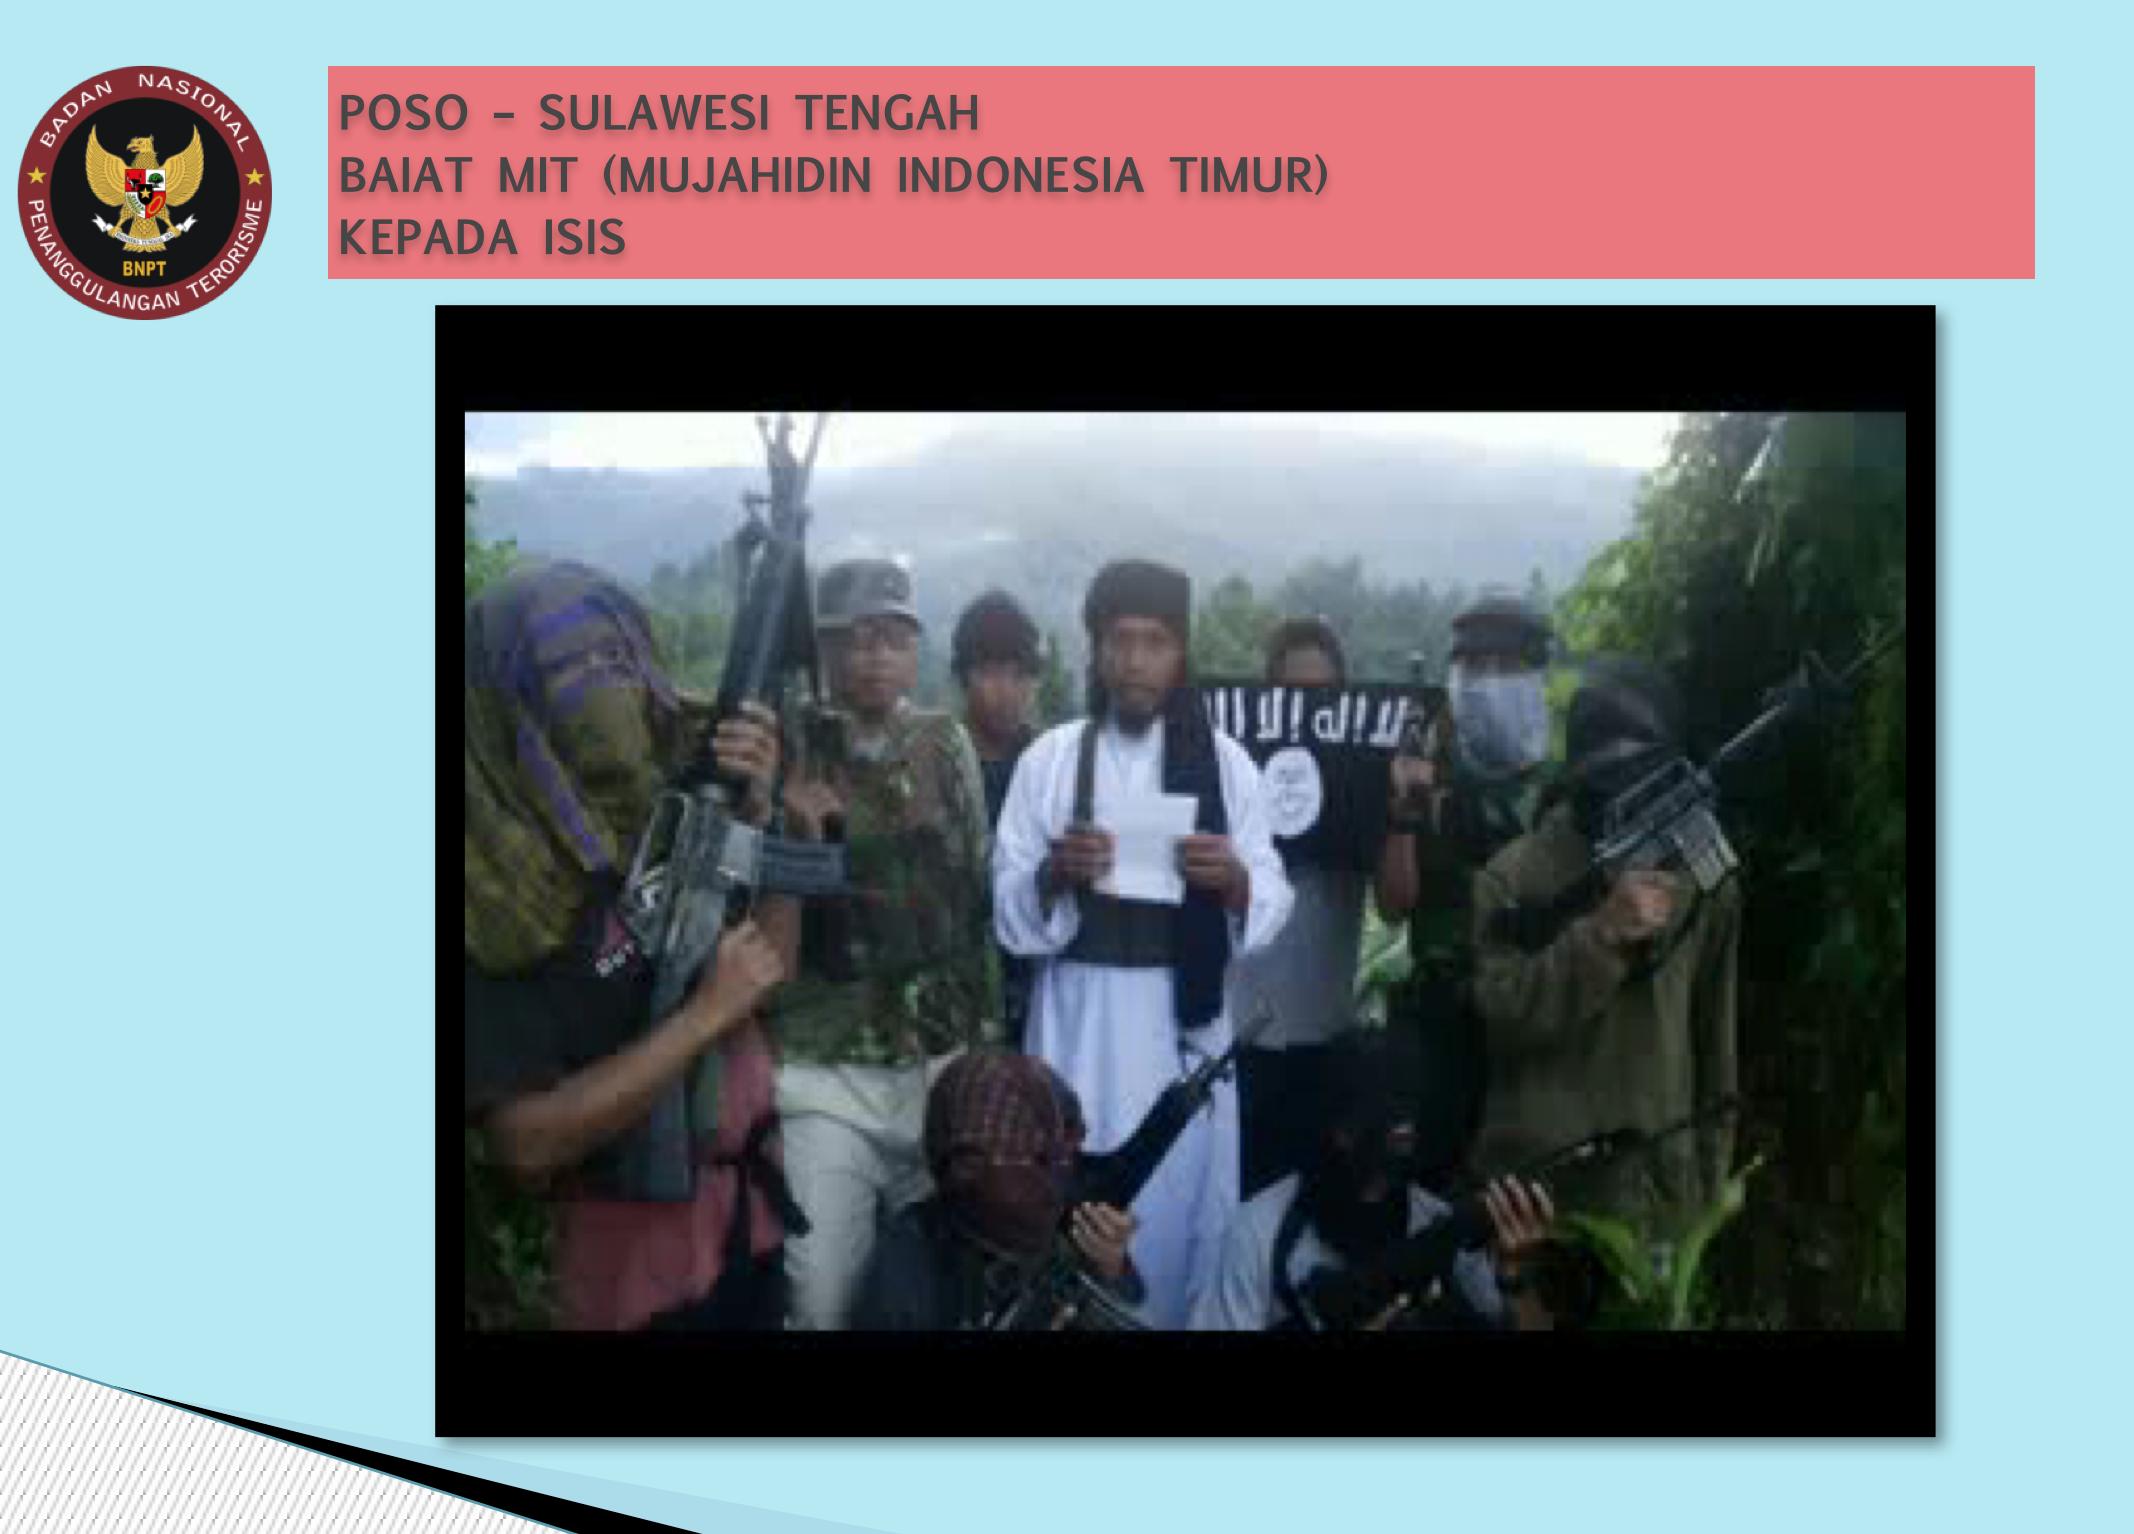 Kelompok Mujahidin Indonesia Timur dibai'at kepada ISIS. Sumber: BNPT